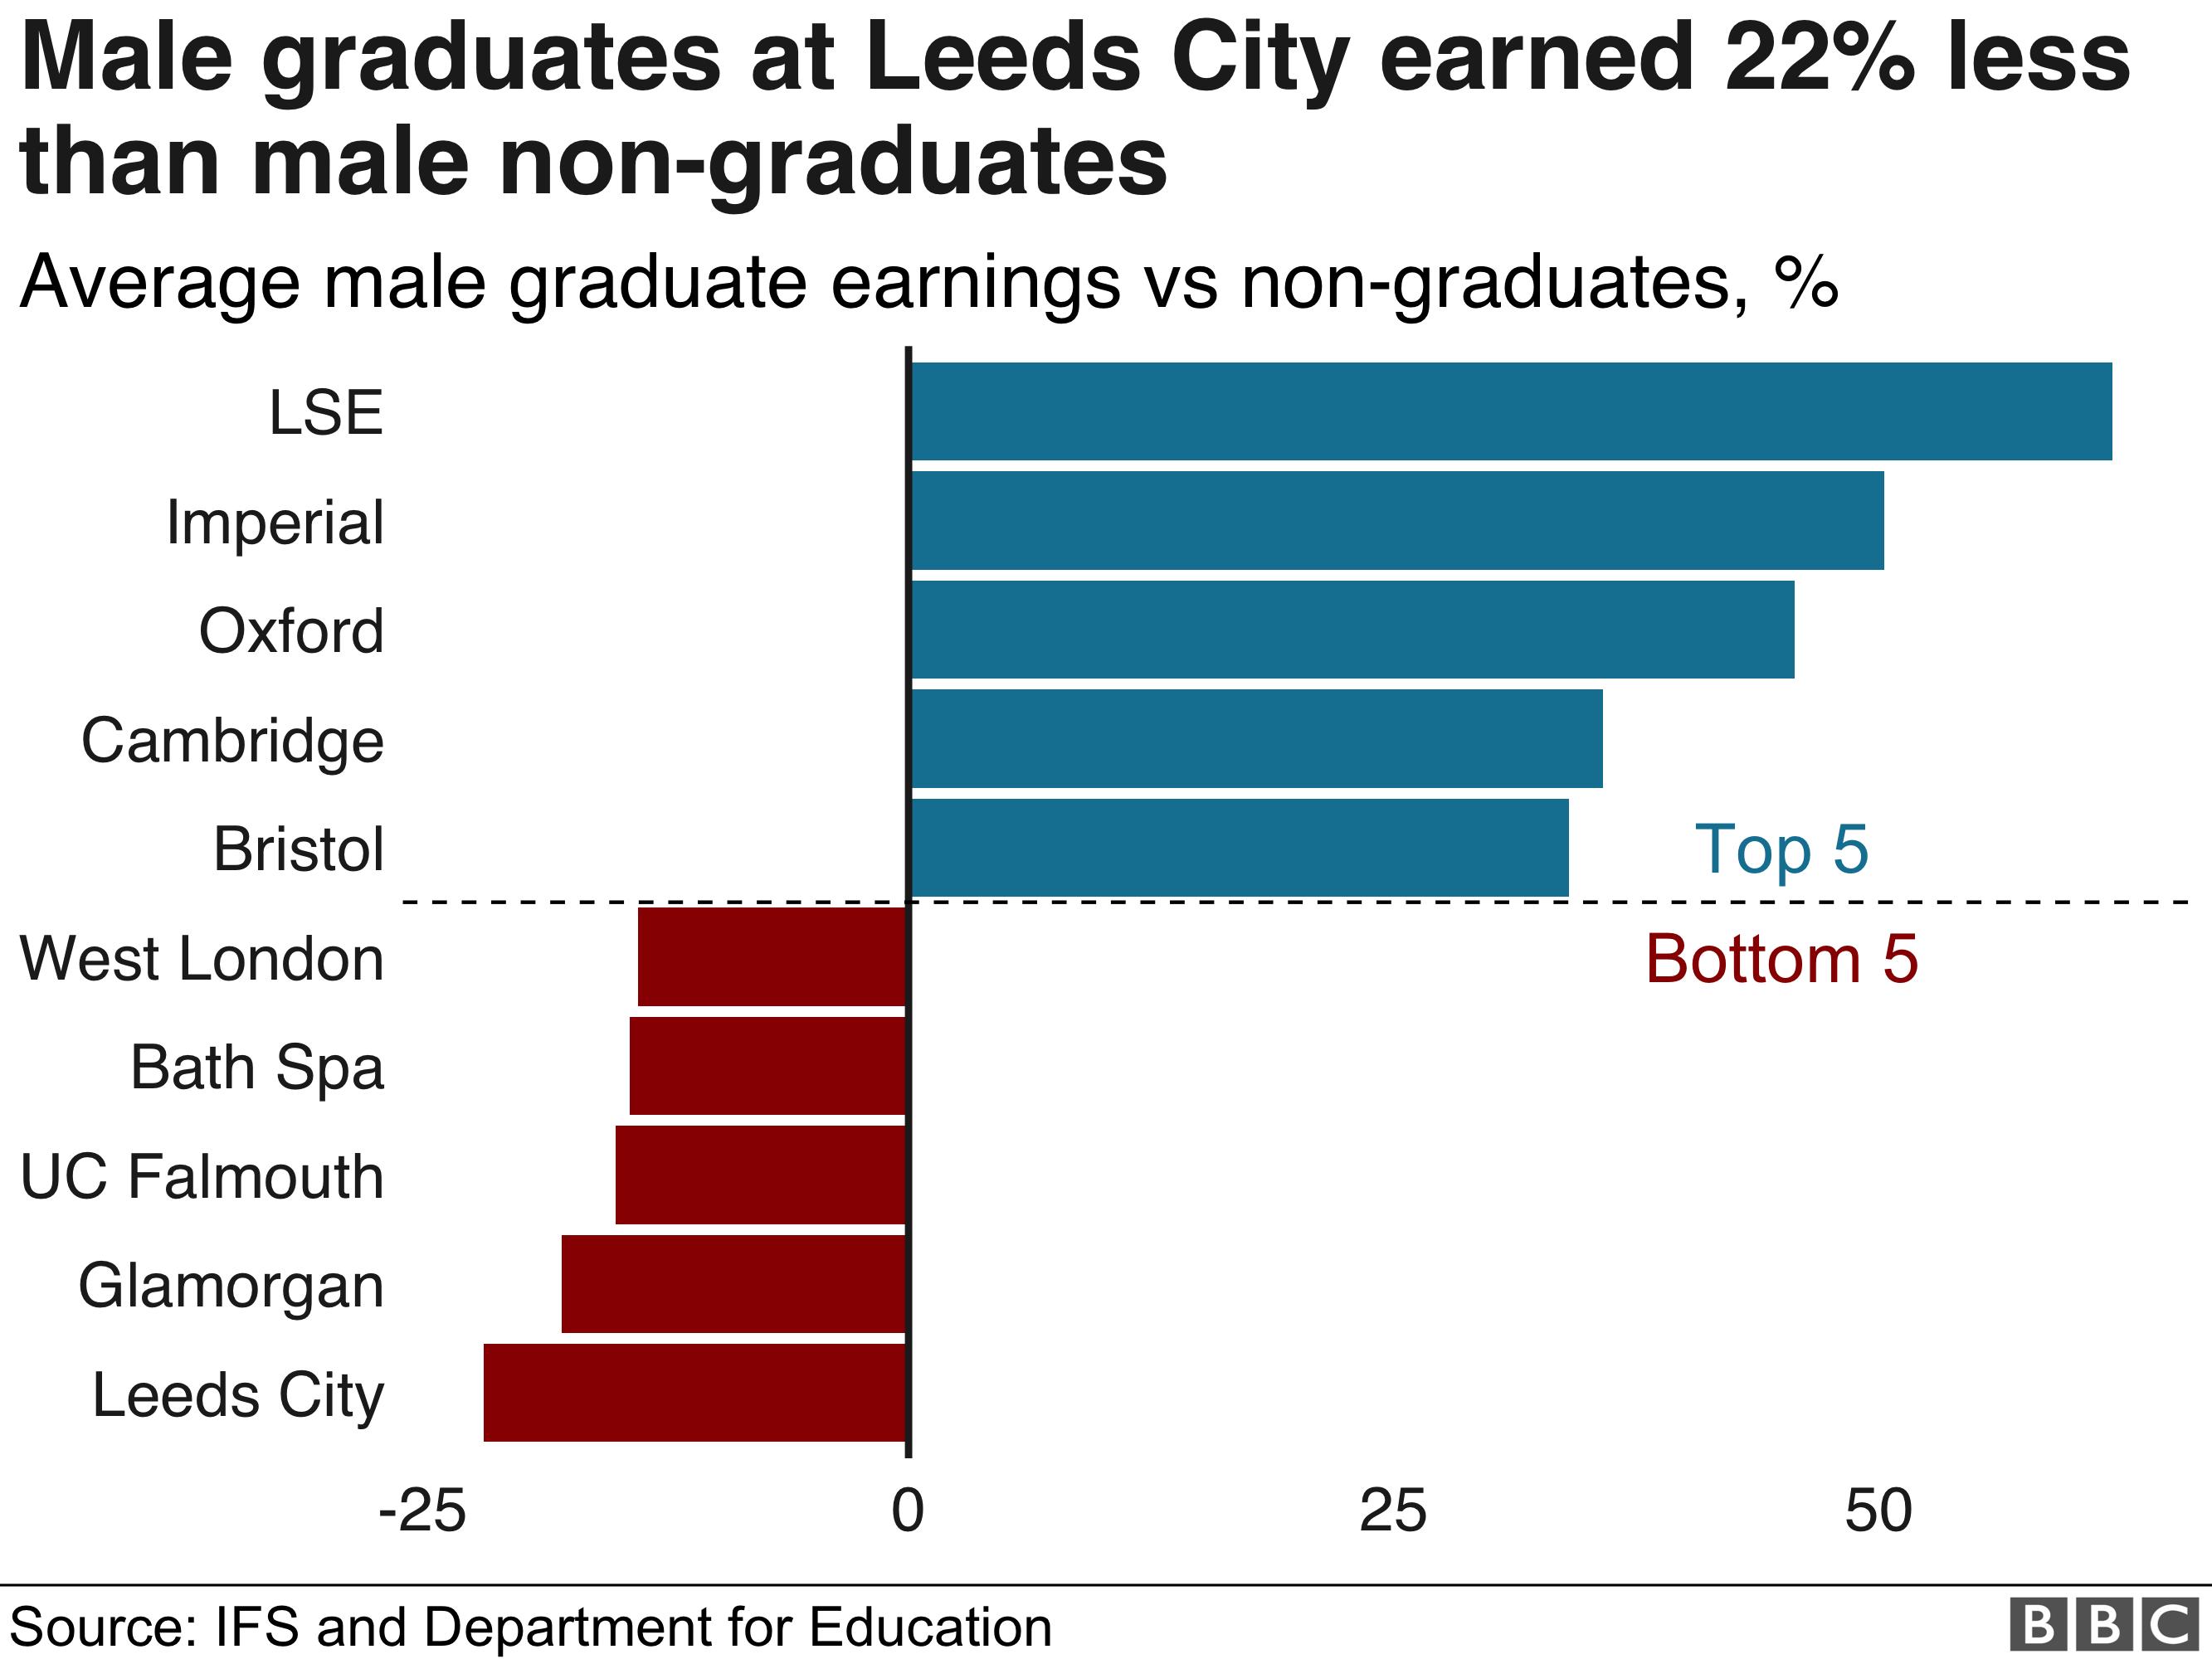 Male graduate earnings